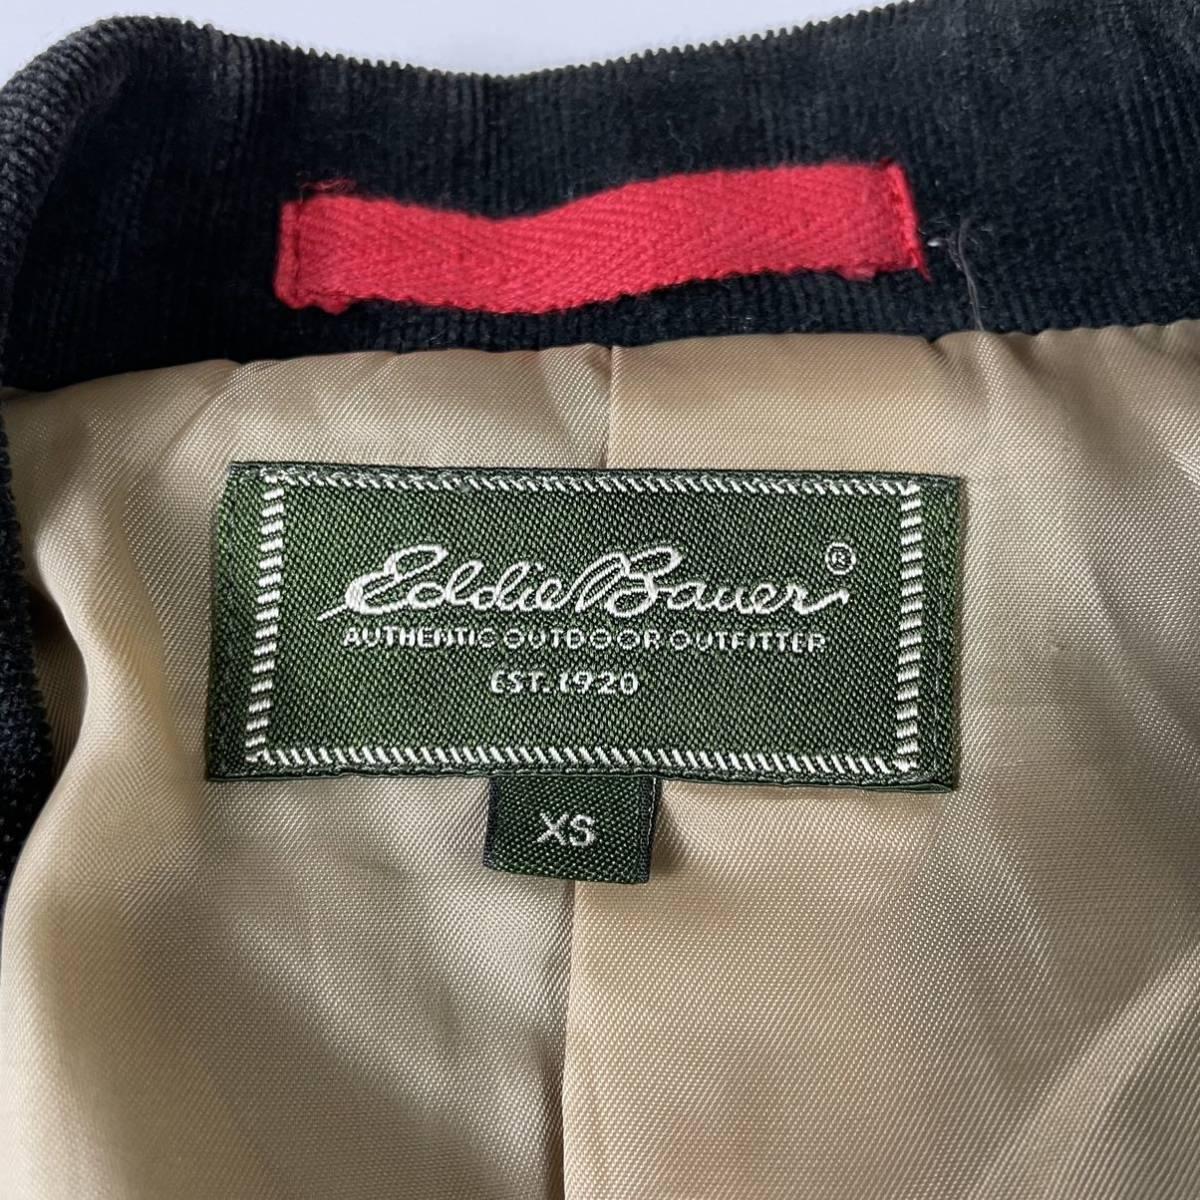 エディーバウアー EDDIE BAUER コーデュロイジャケット ブレザー テーラード シングル 2B size XS ブラック 古着